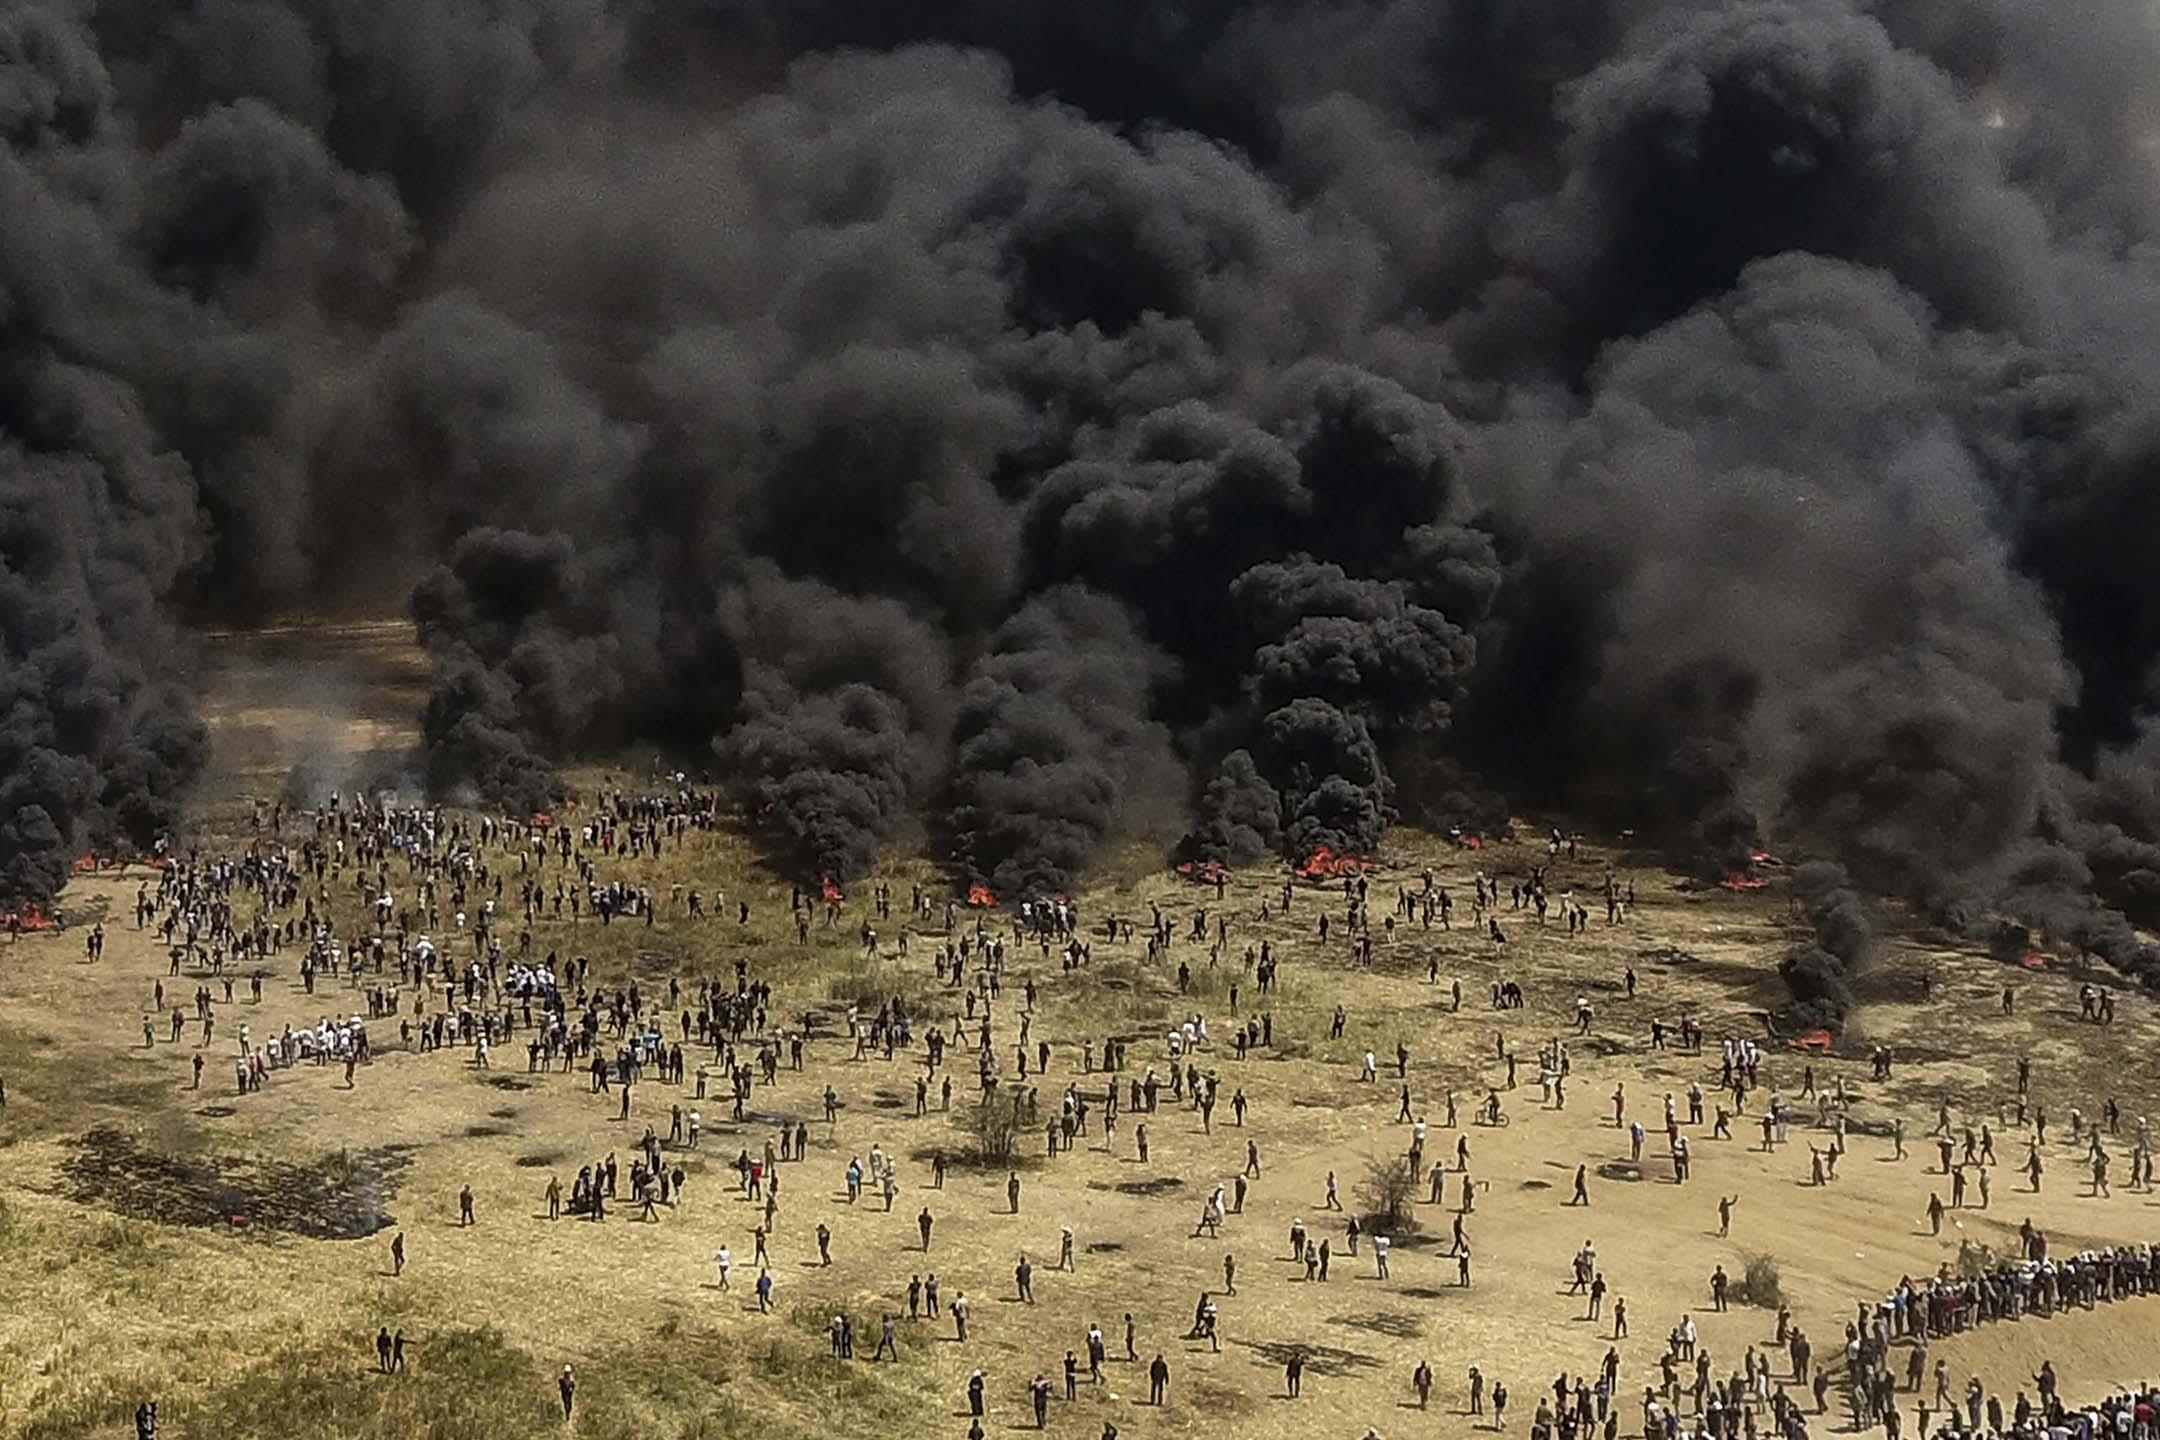 航拍照片顯示由巴勒斯坦示威者焚燒車胎所造成的一團團黑煙正在以巴邊防冒起。 攝:Stringer/Anadolu Agency/Getty Images